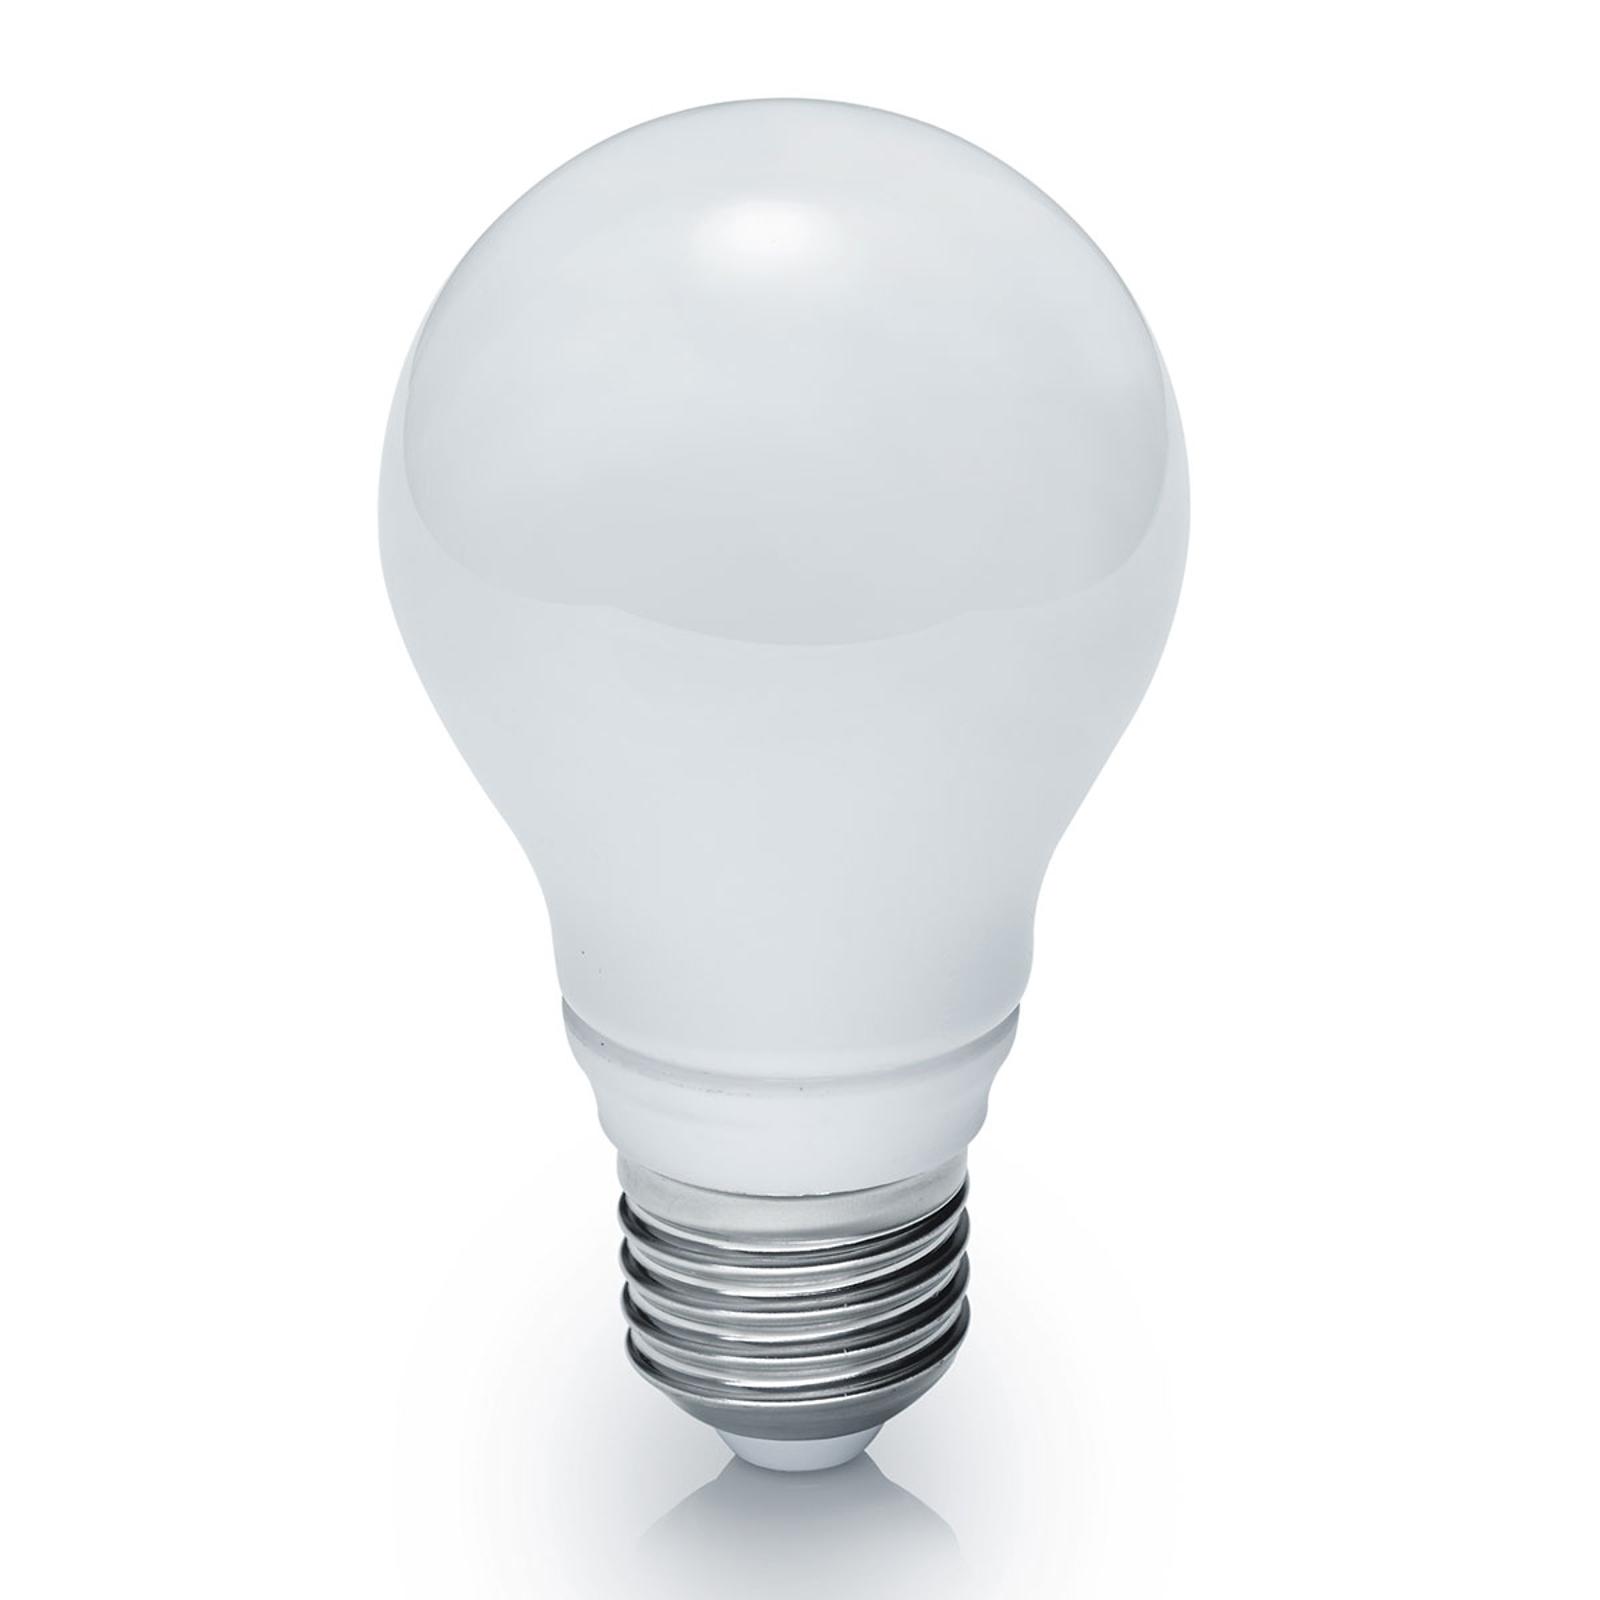 Lampadina LED E27 10W bianco caldo, dimmerabile